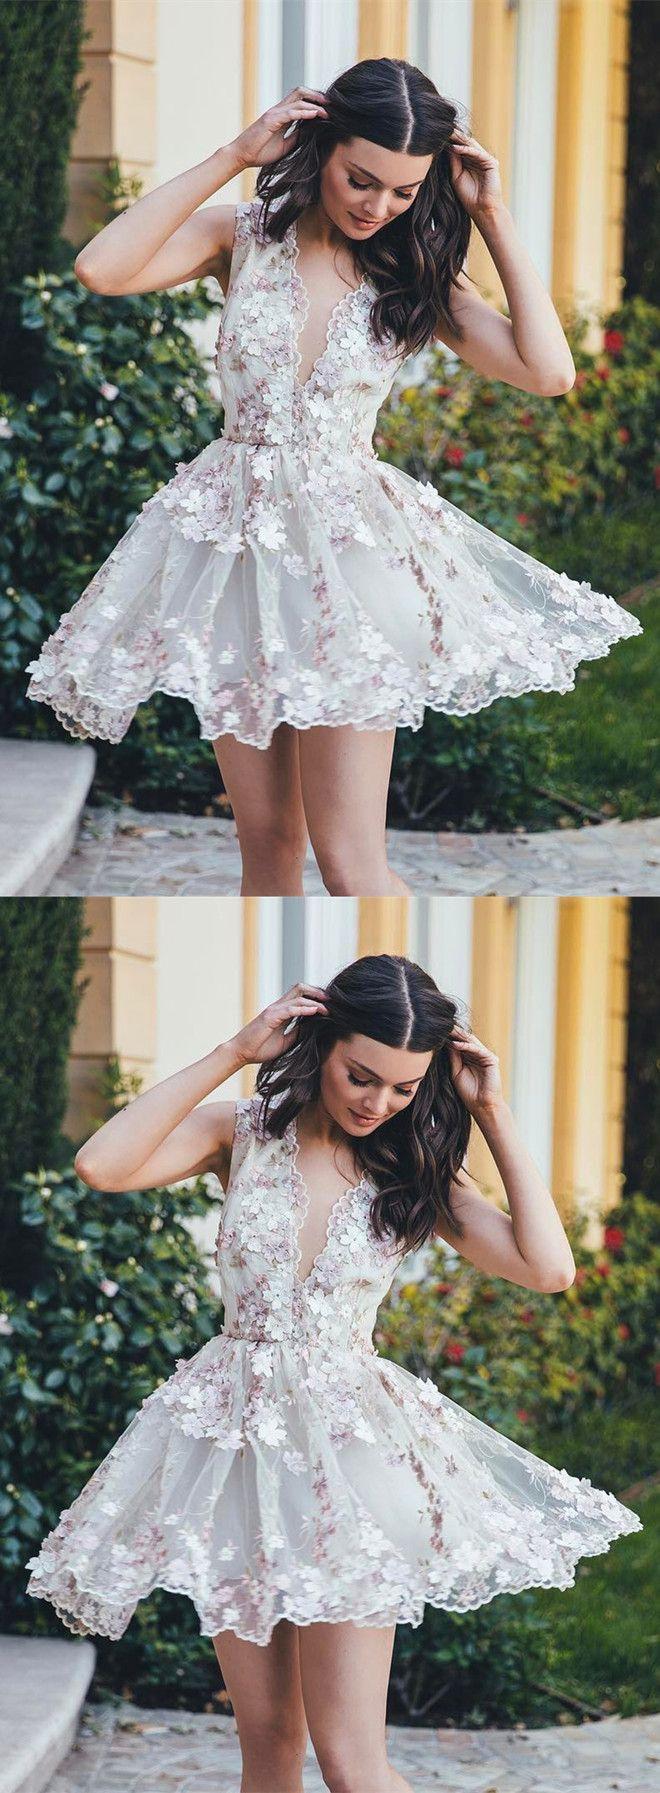 Black and white prom short dresses 2018